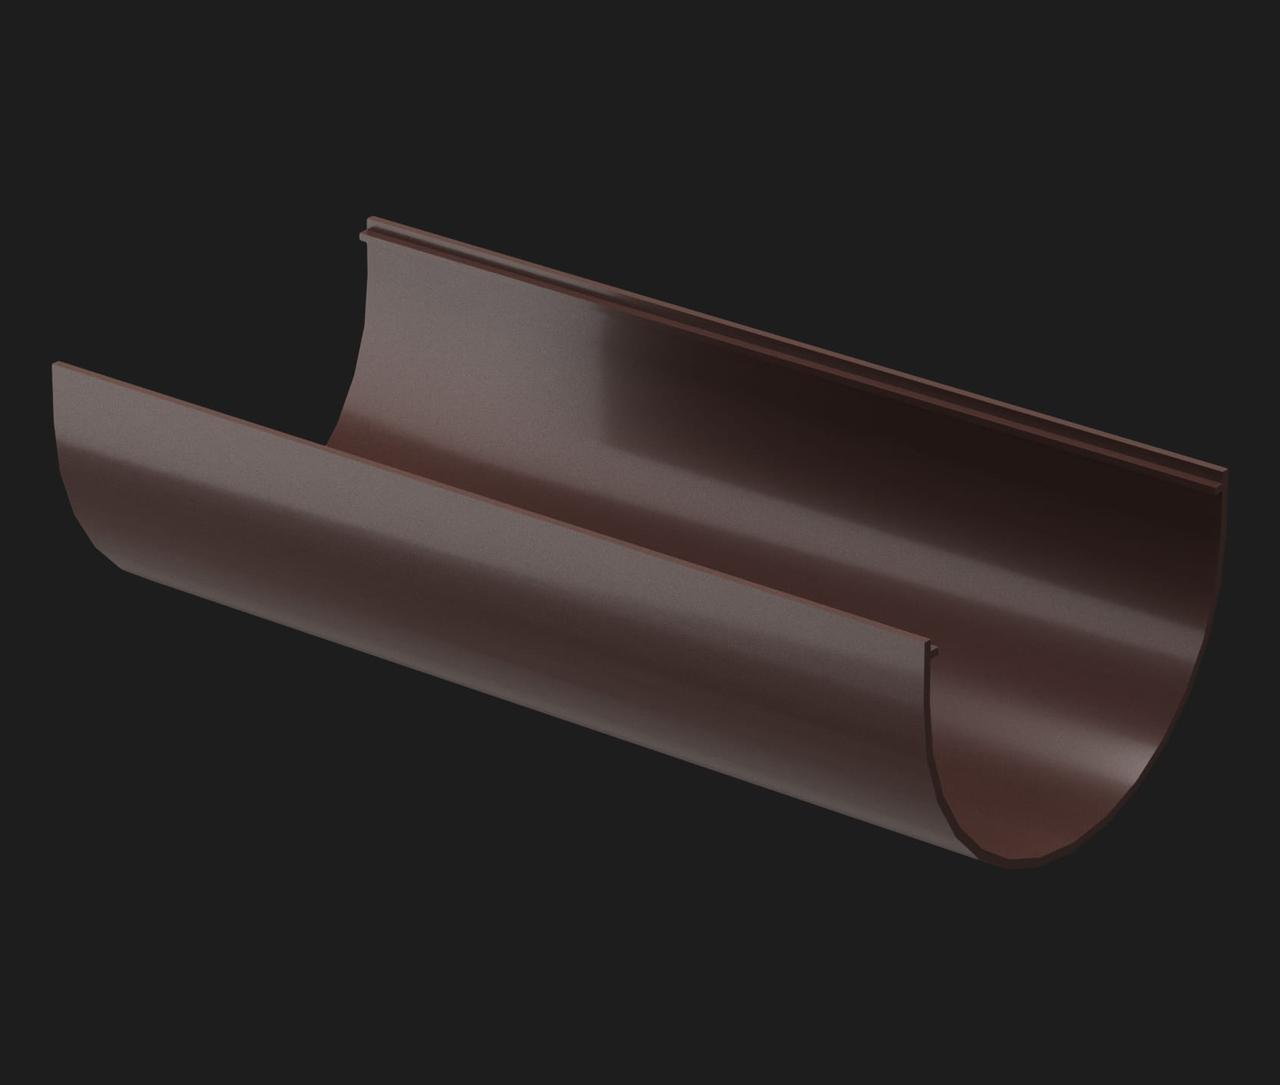 Желоб водосточный Docke Premium Шоколад 120.65 мм длина 3м